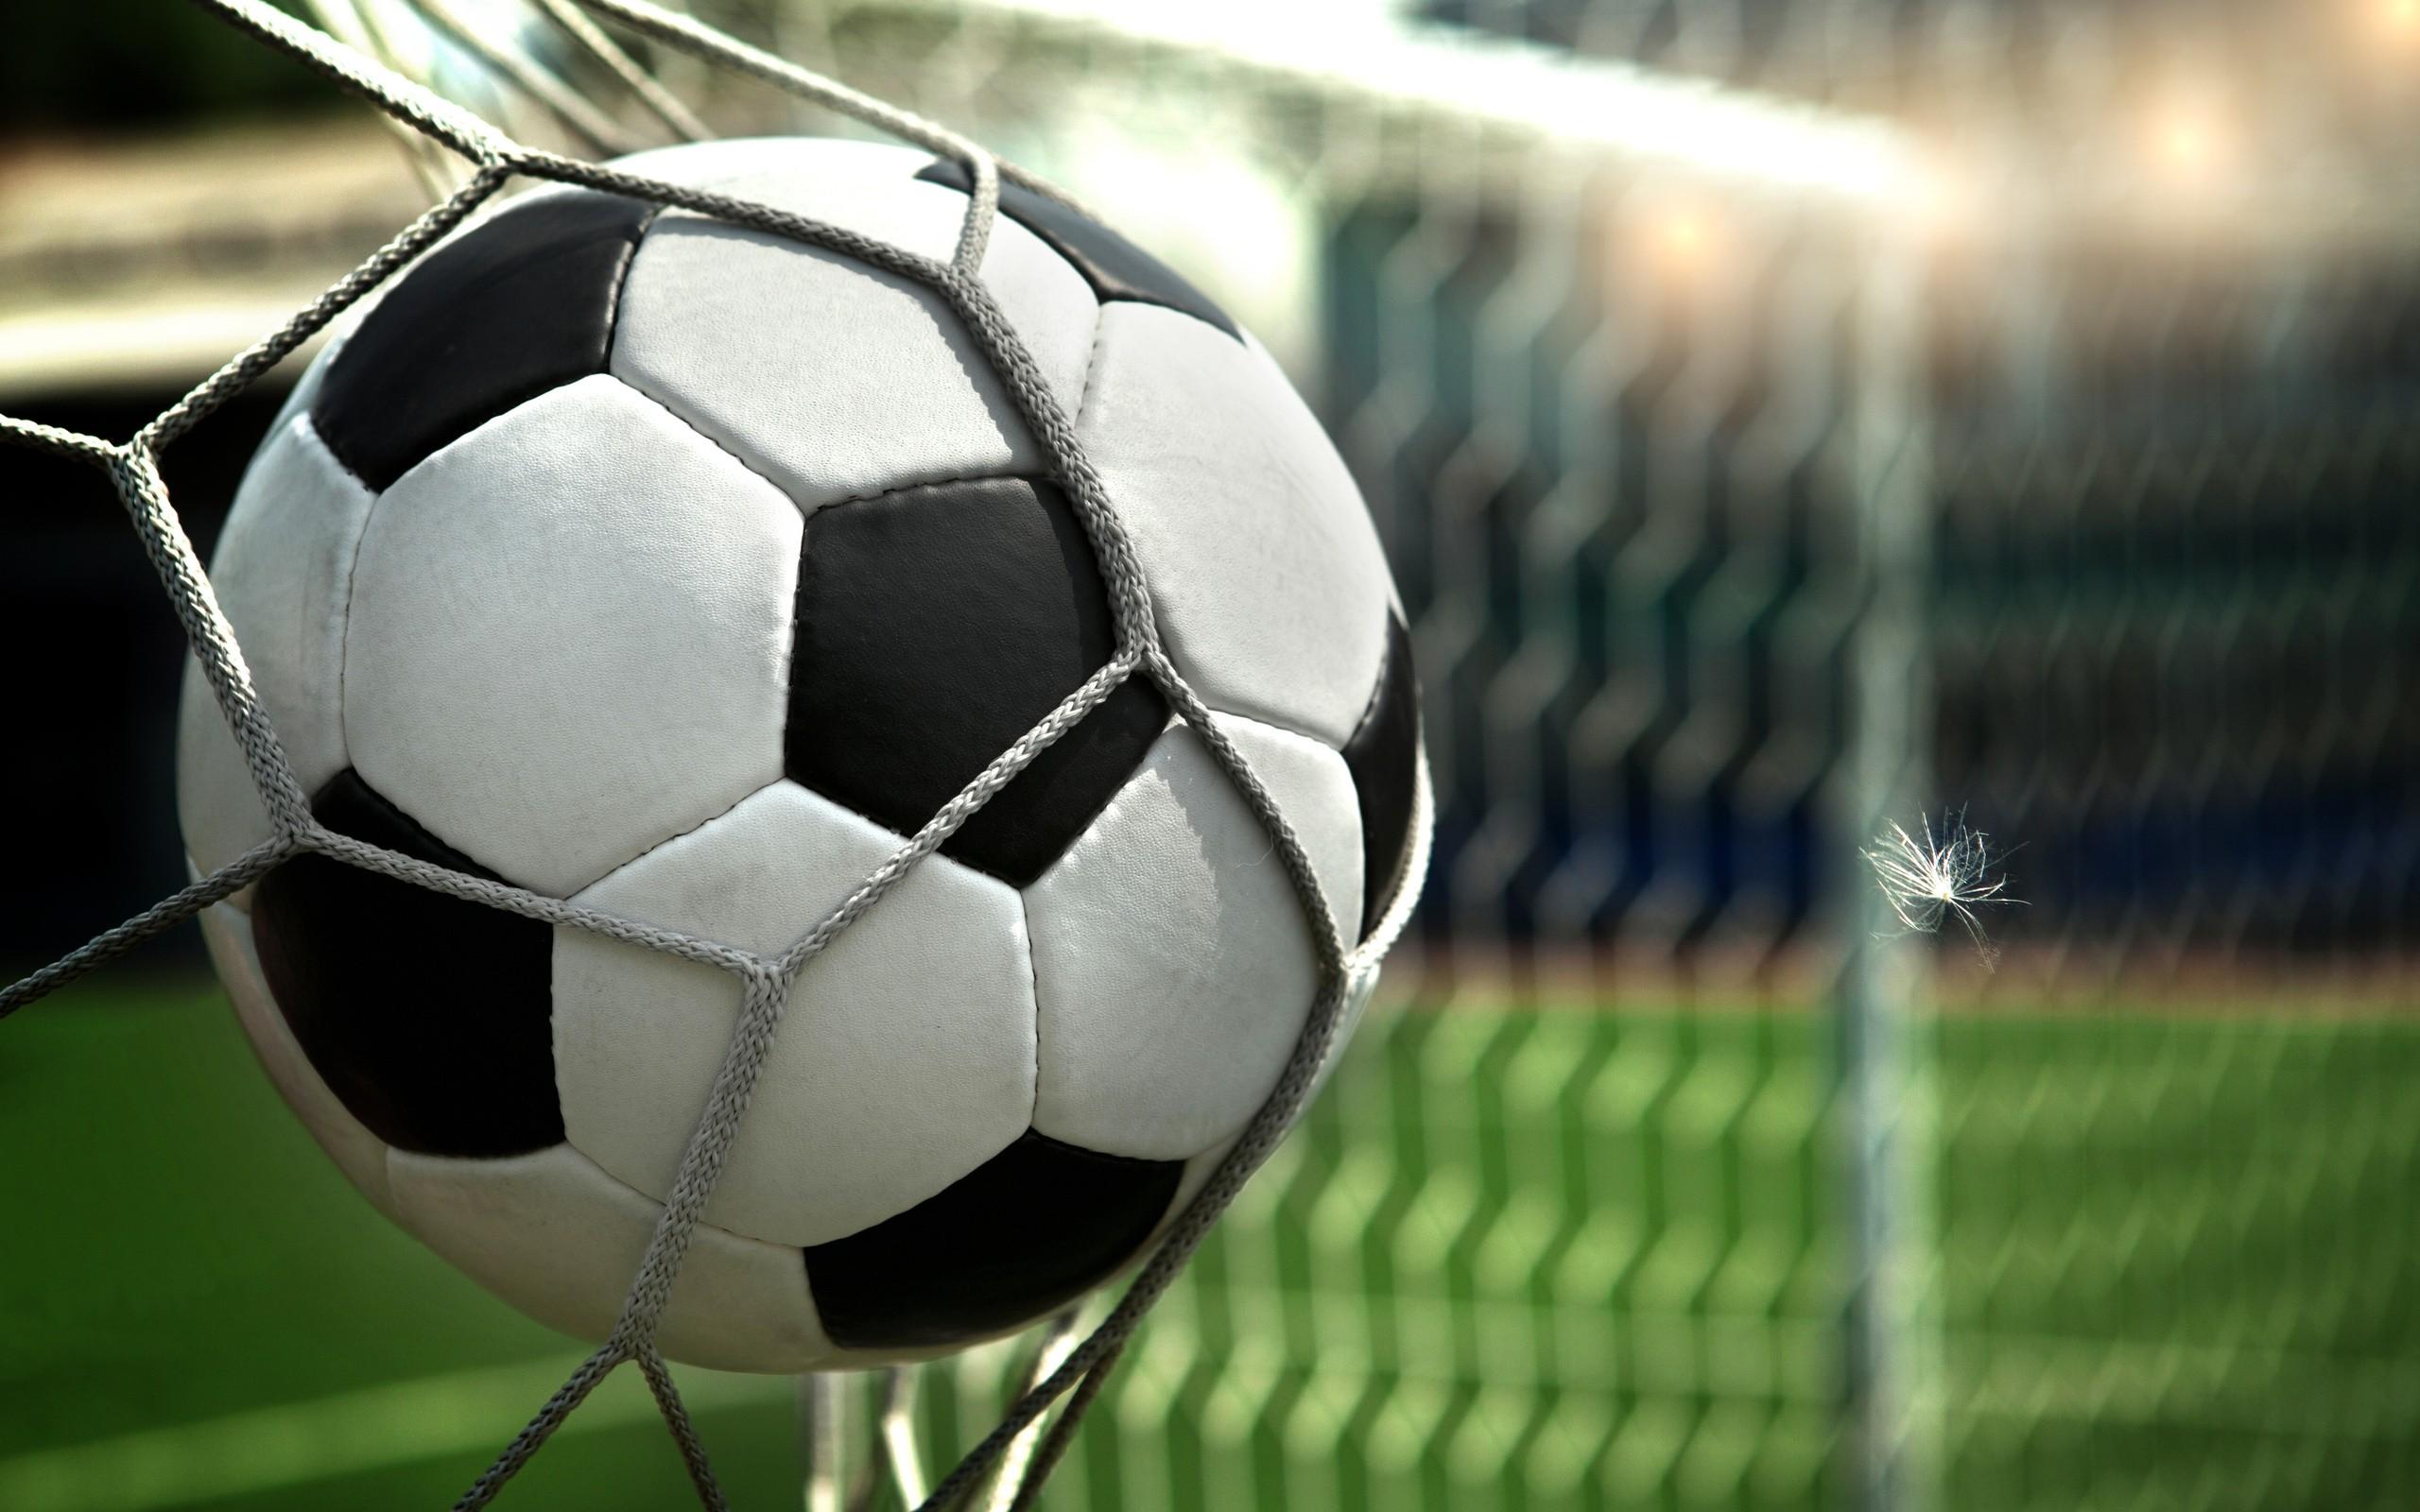 Wallpaper Feather, Football, Goal, Ball, Net